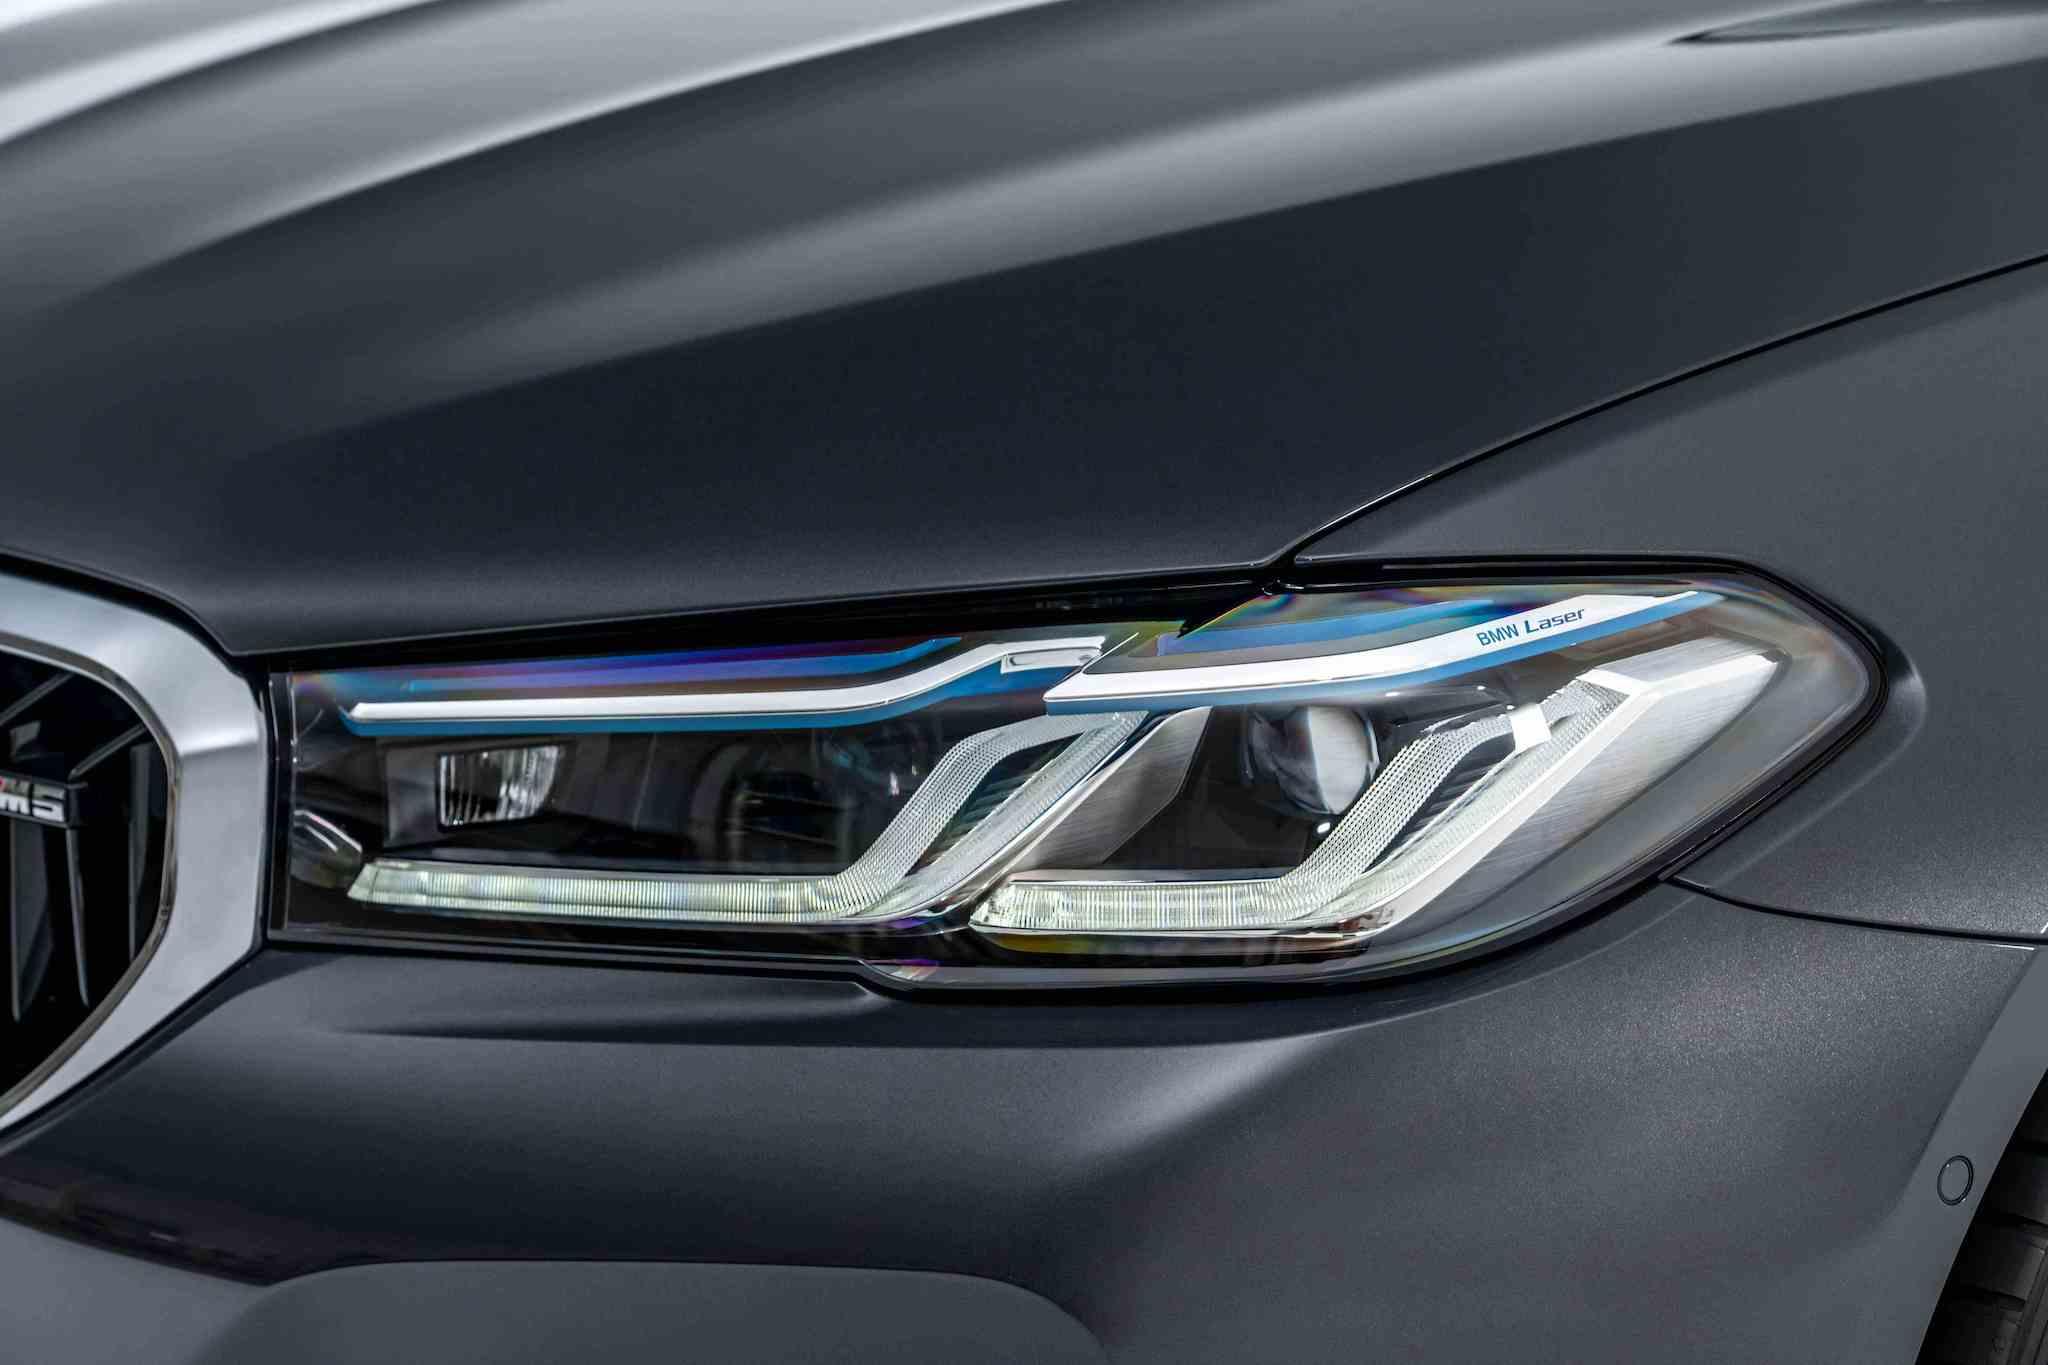 銳利的 L 型光條與全新設計的湛藍色智慧雷射頭燈(含Glare-free光型變化功能)。